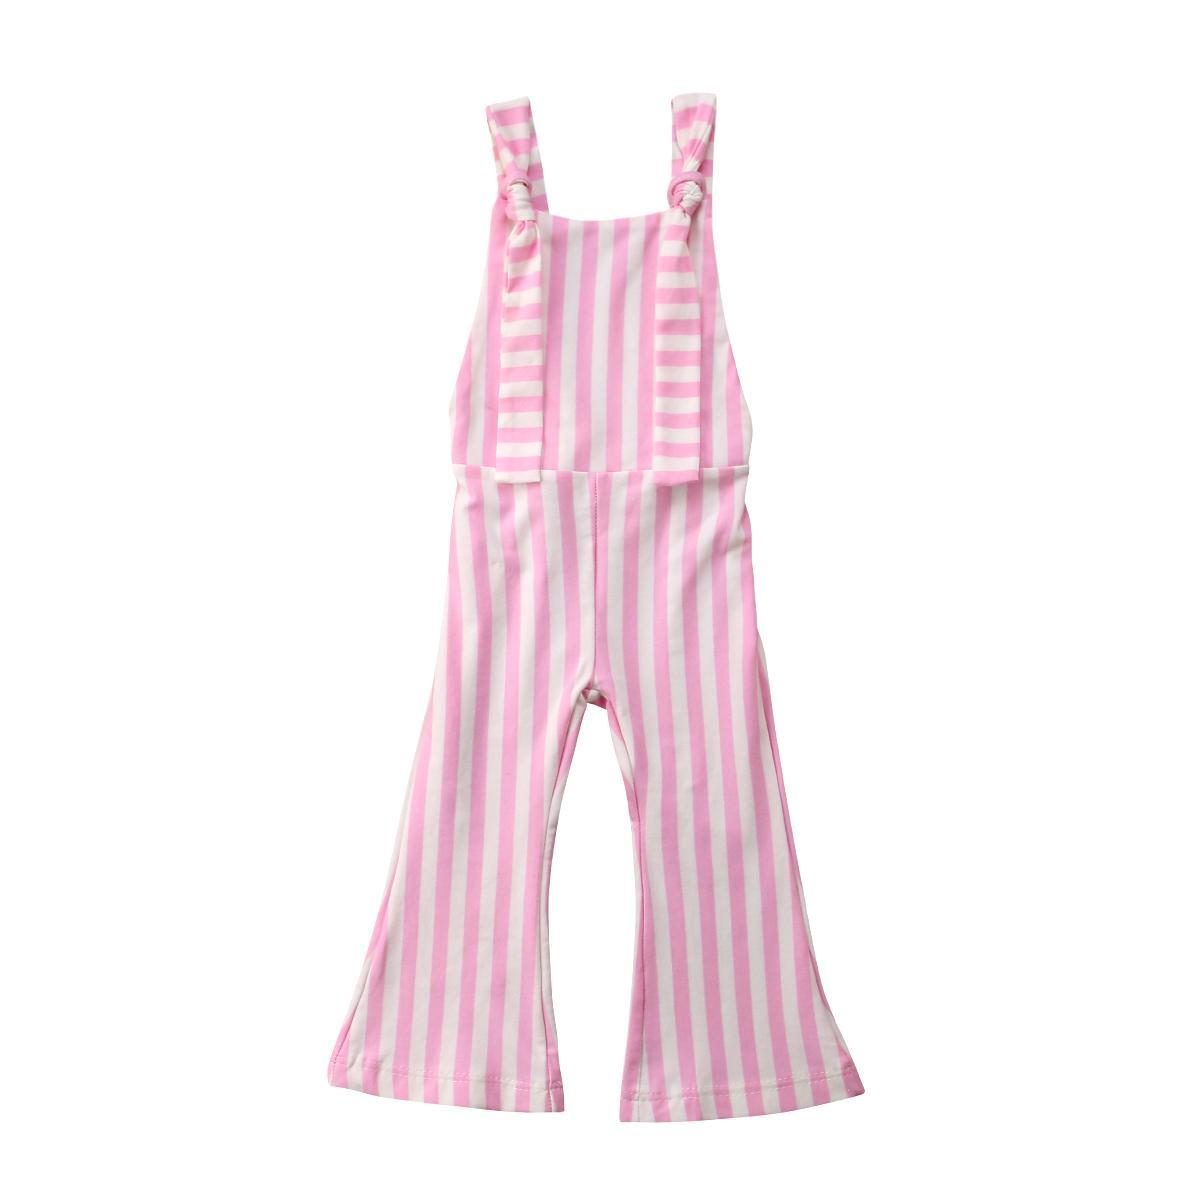 6M-5years Kid Kız Bebek Çizgili Bell Dipli Pantolon Kolsuz Bebek tulumları Geri Çapraz Jumpsuit